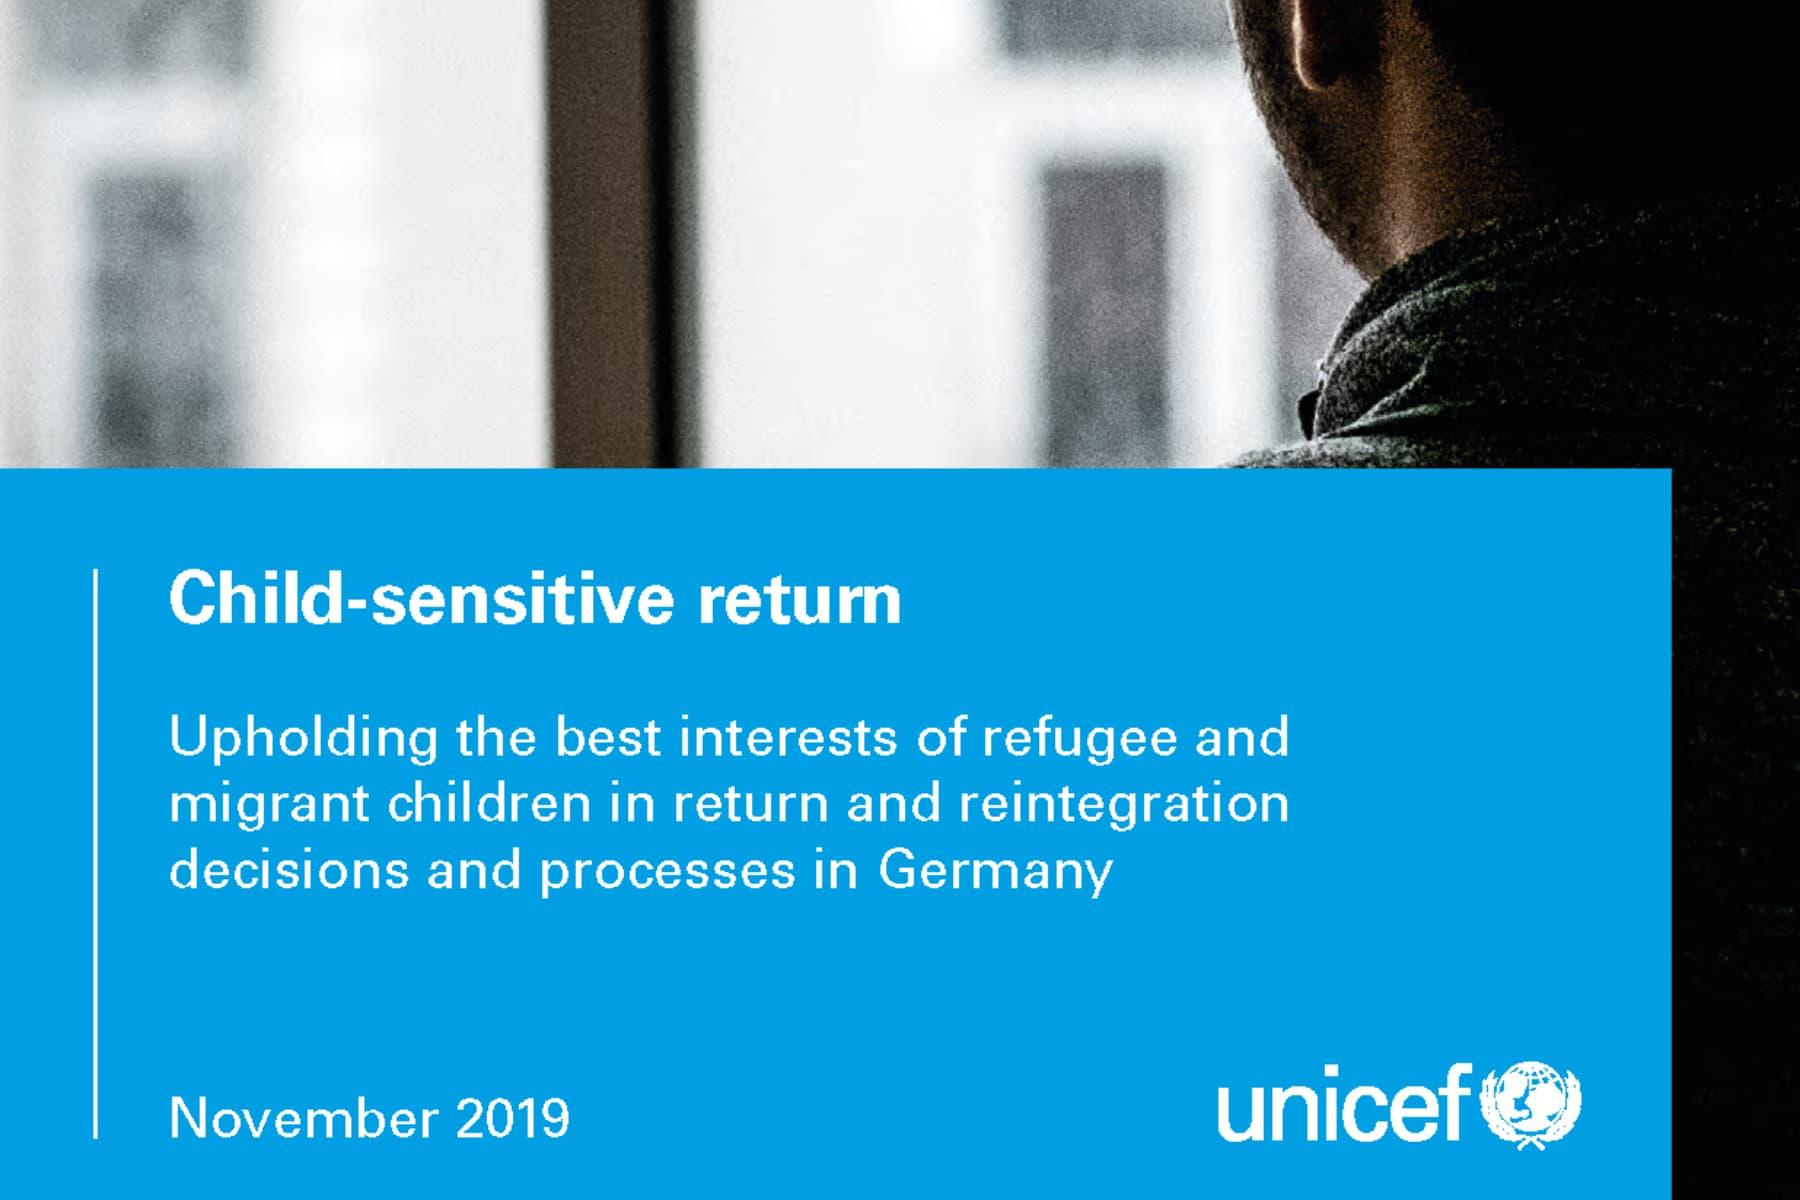 UNICEF-Studie: Kindeswohl bei Asyl-Entscheidungen nicht umfassend berücksichtigt